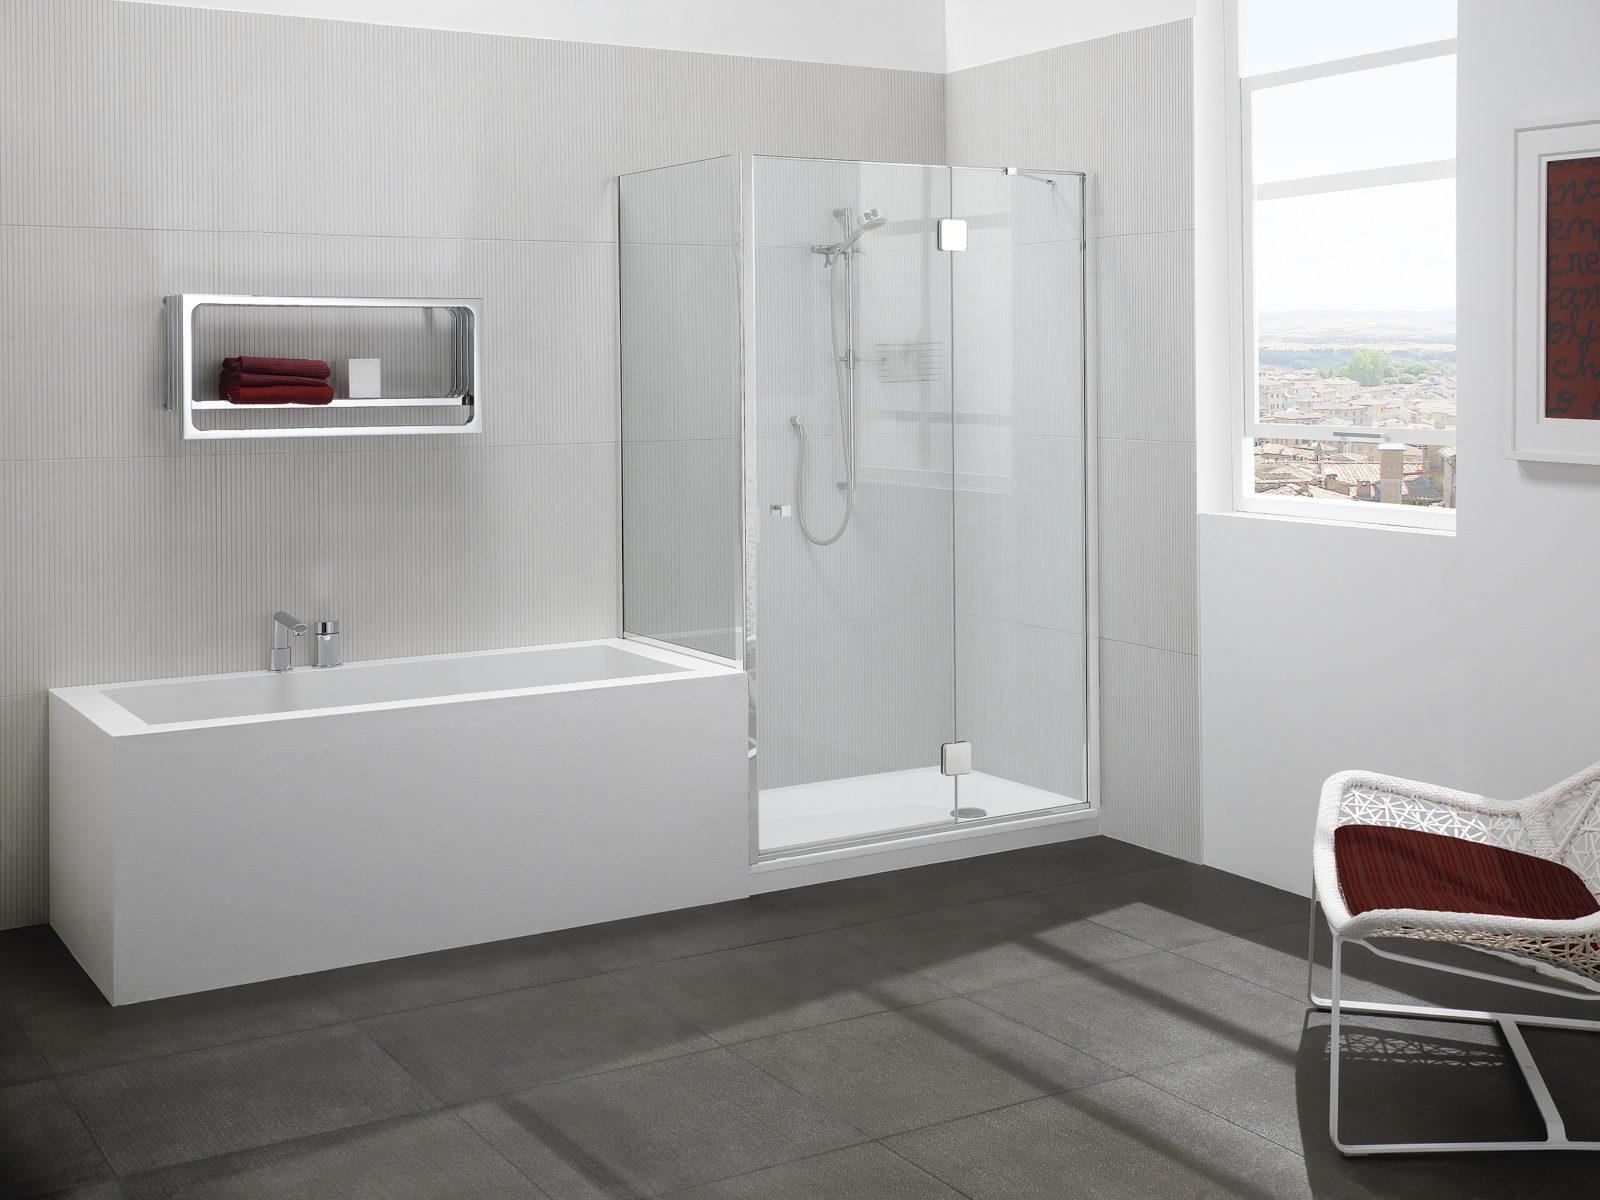 Parete doccia di cristallo con lato fisso su muretto silis for Guarnizioni box doccia leroy merlin